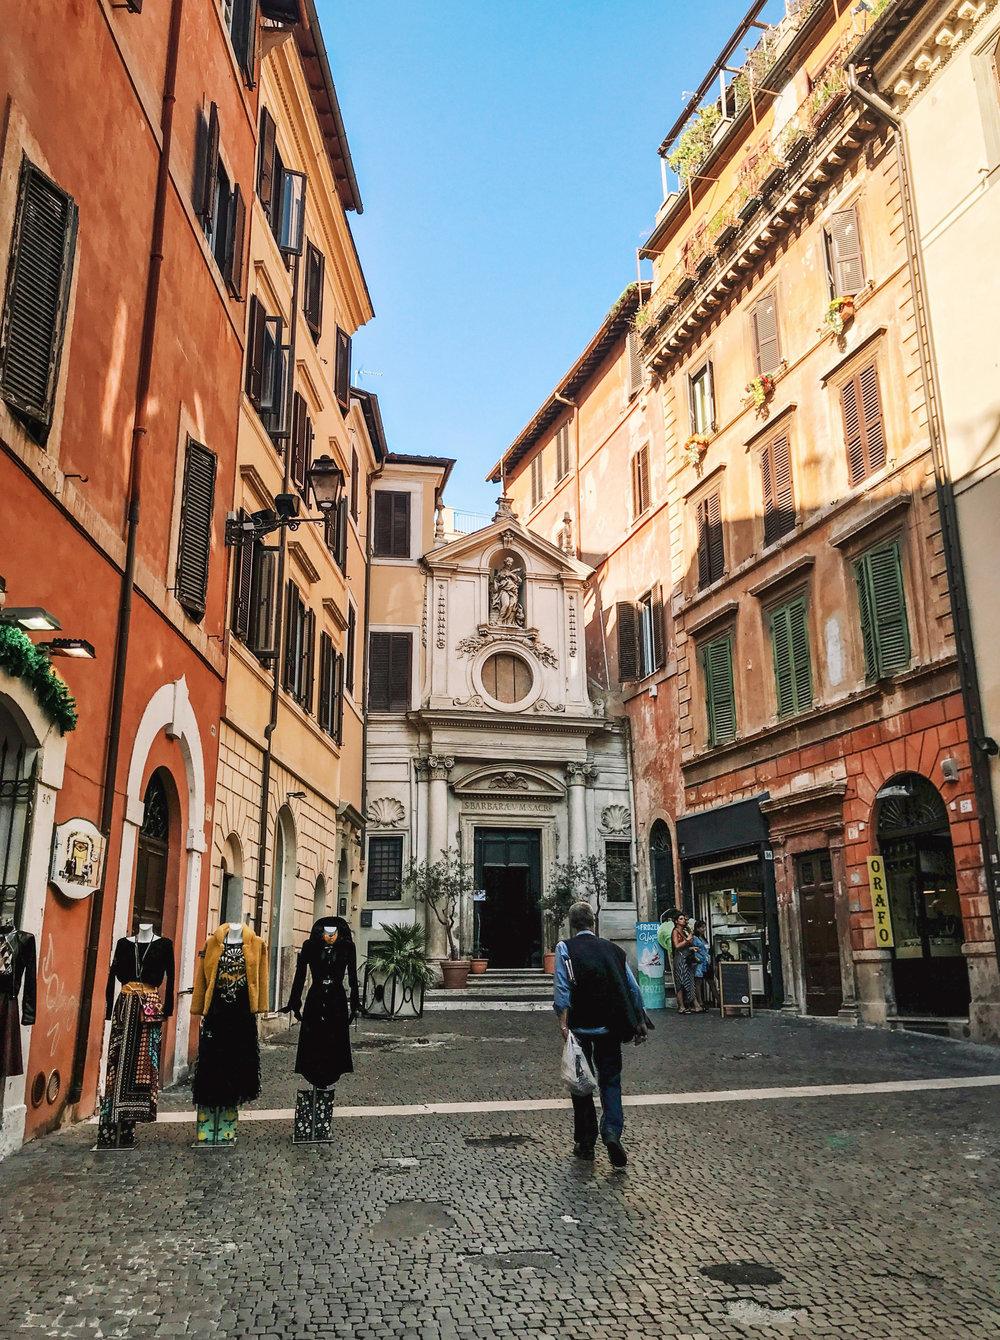 Italy-Positano-Rome-Amalfi-Coast-Lena-Mirisola-4.JPG